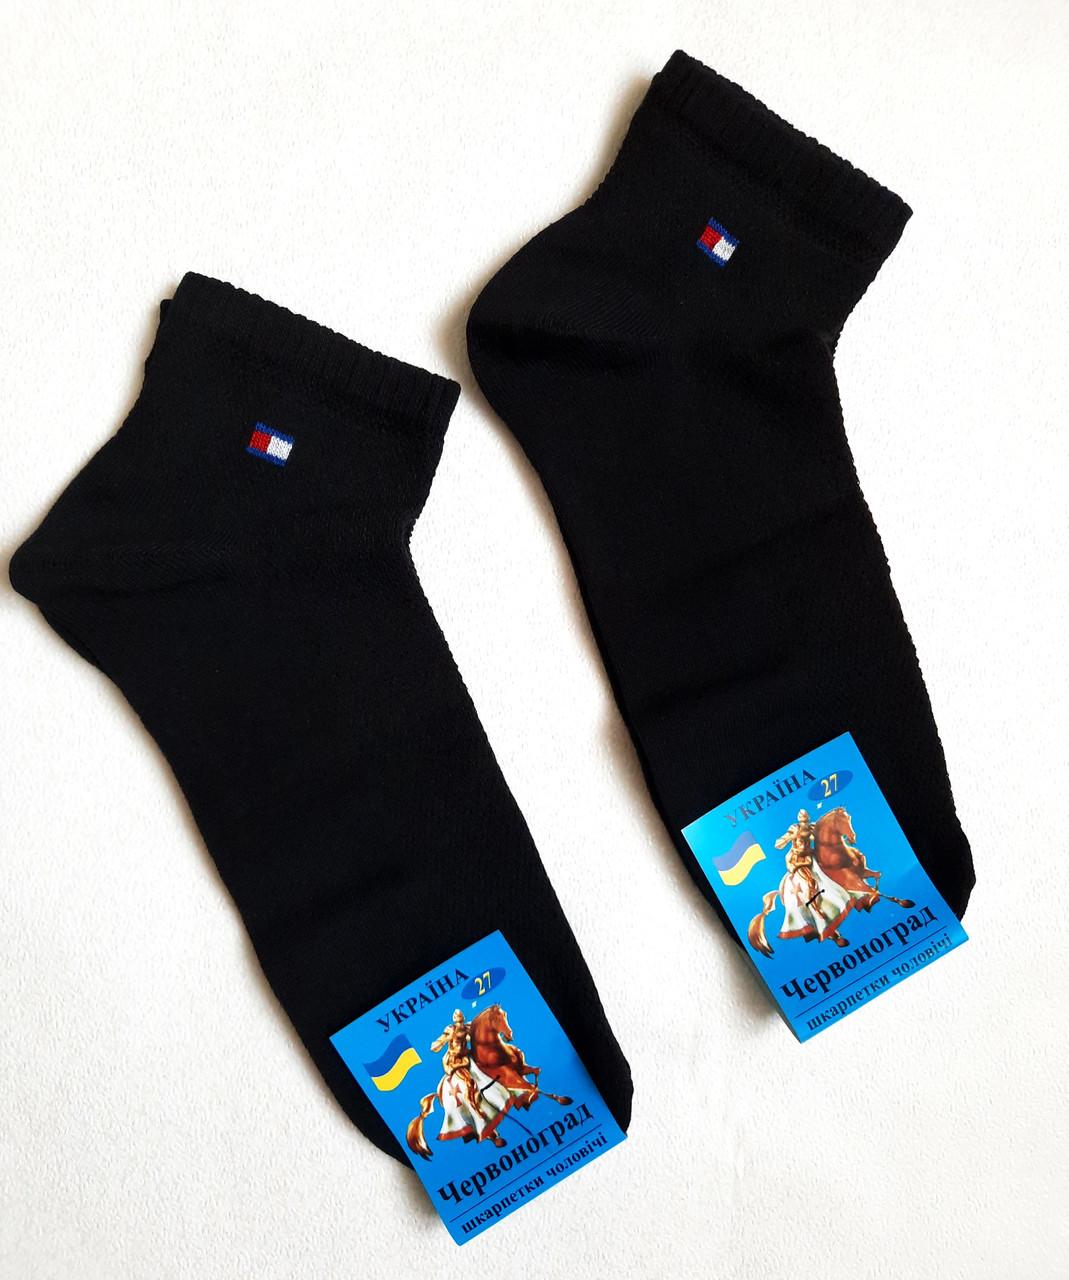 Шкарпетки чоловічі вставка сіточка р. 27 чорні бавовна стрейч Україна. Від 10 пар по 6,50 грн.